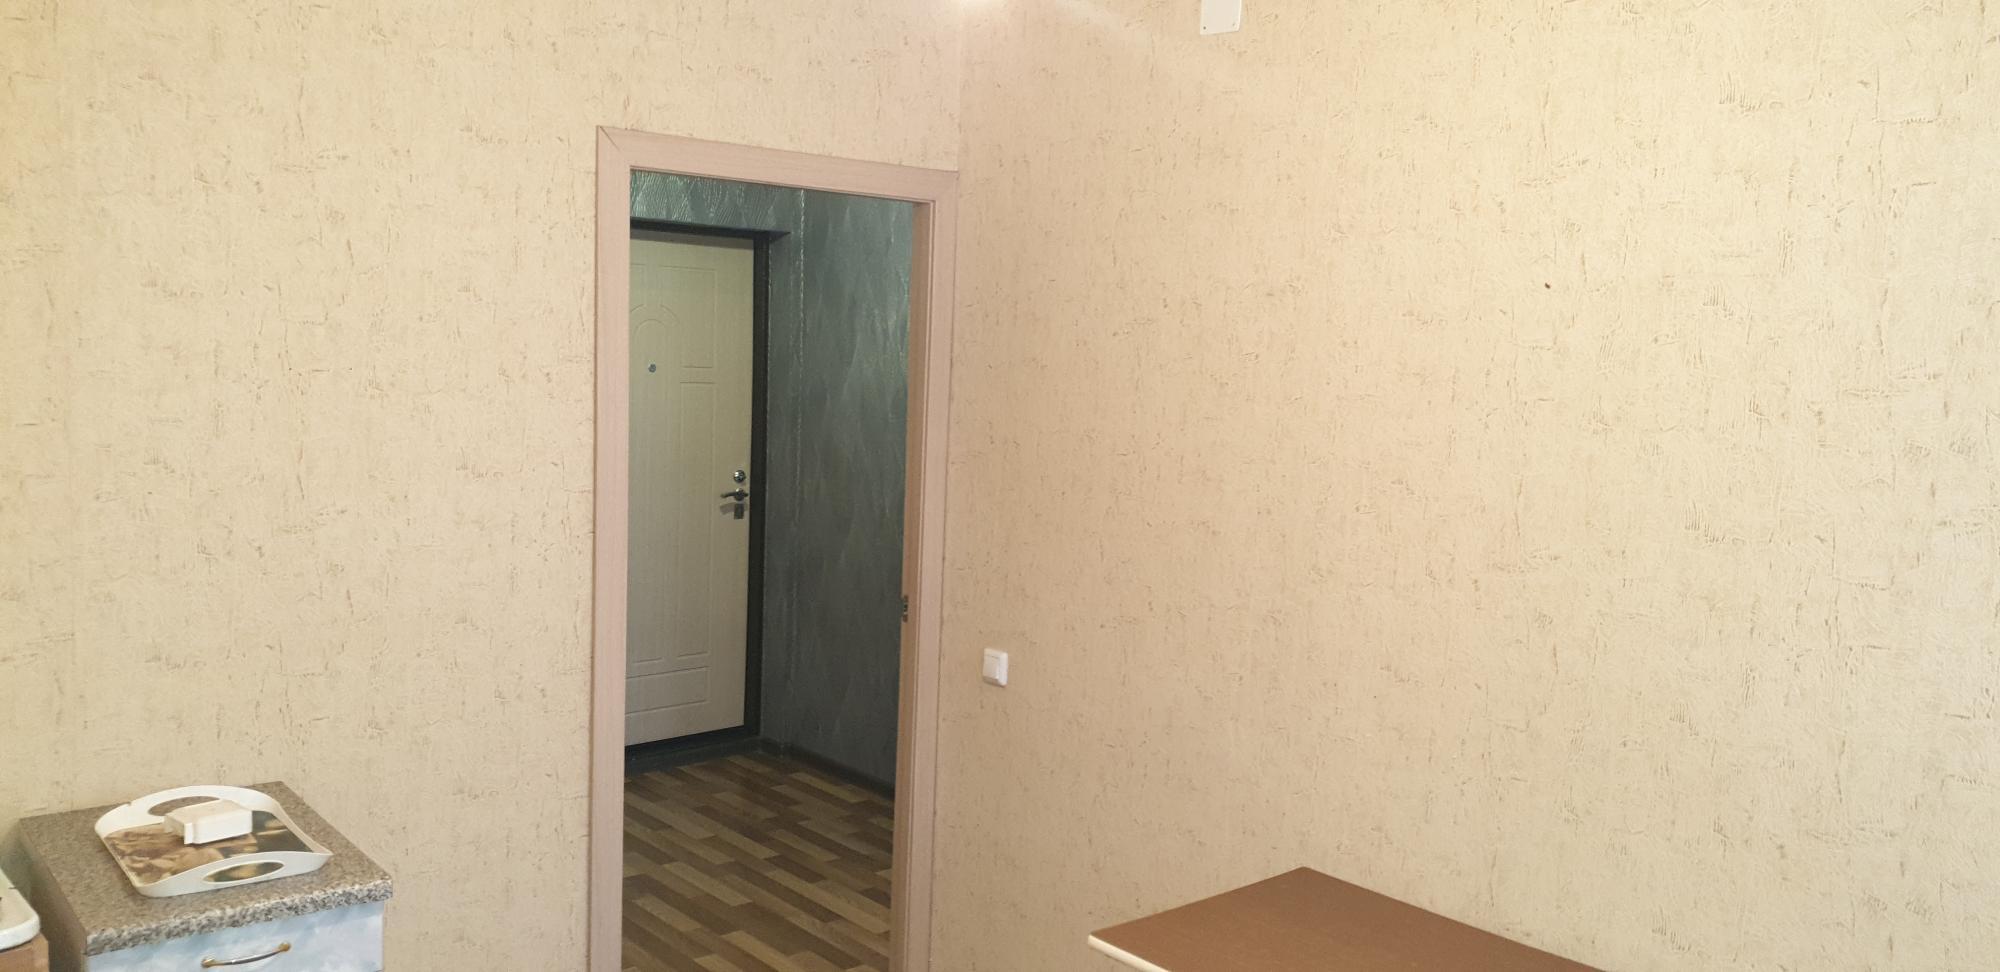 1к квартира улица Калинина, 183 | 11000 | аренда в Красноярске фото 8